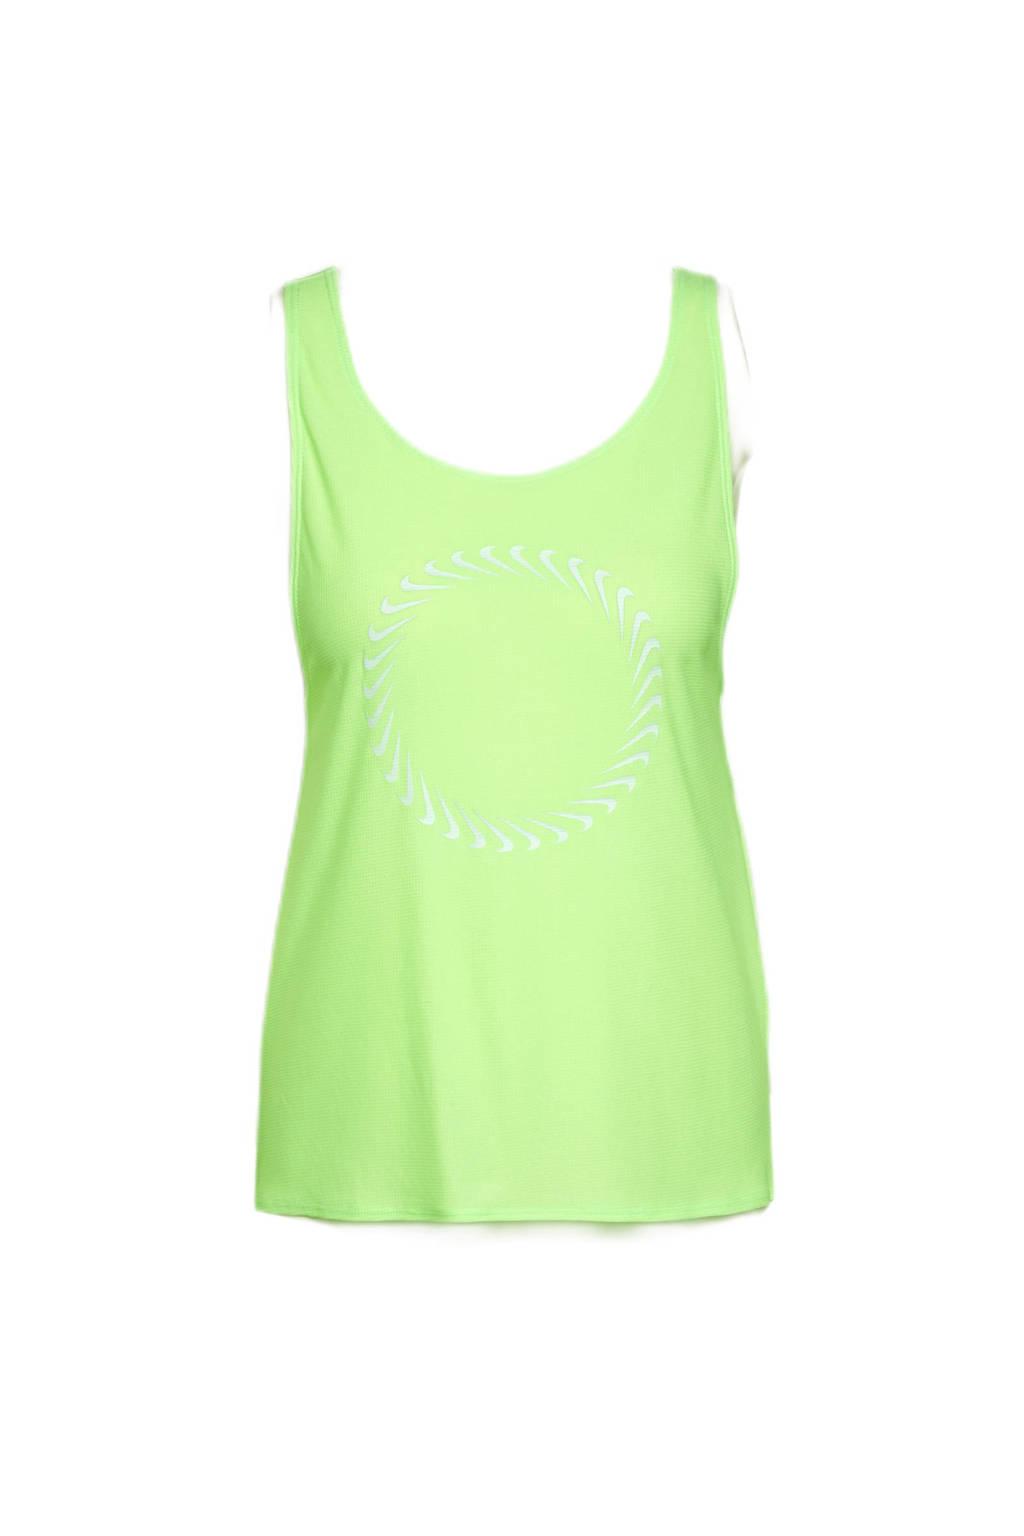 Nike hardlooptop limegroen, Limegroen